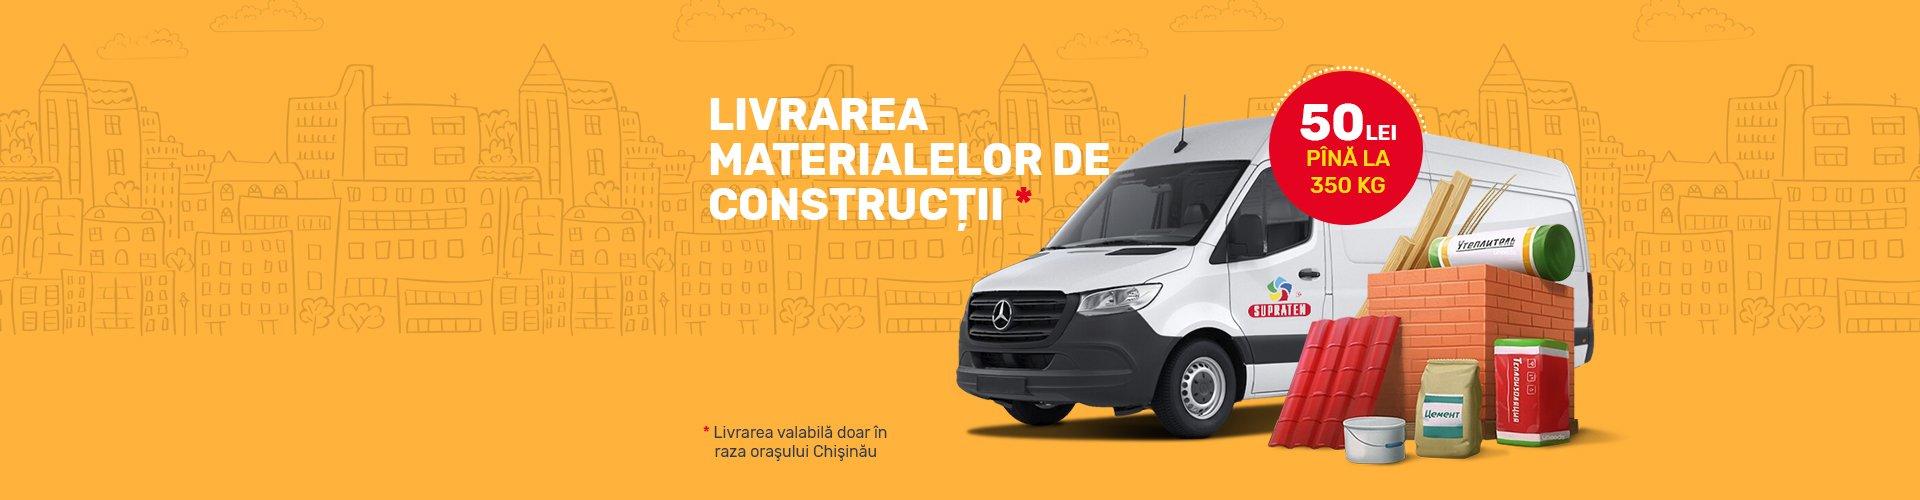 Livrarea produselor de constructii